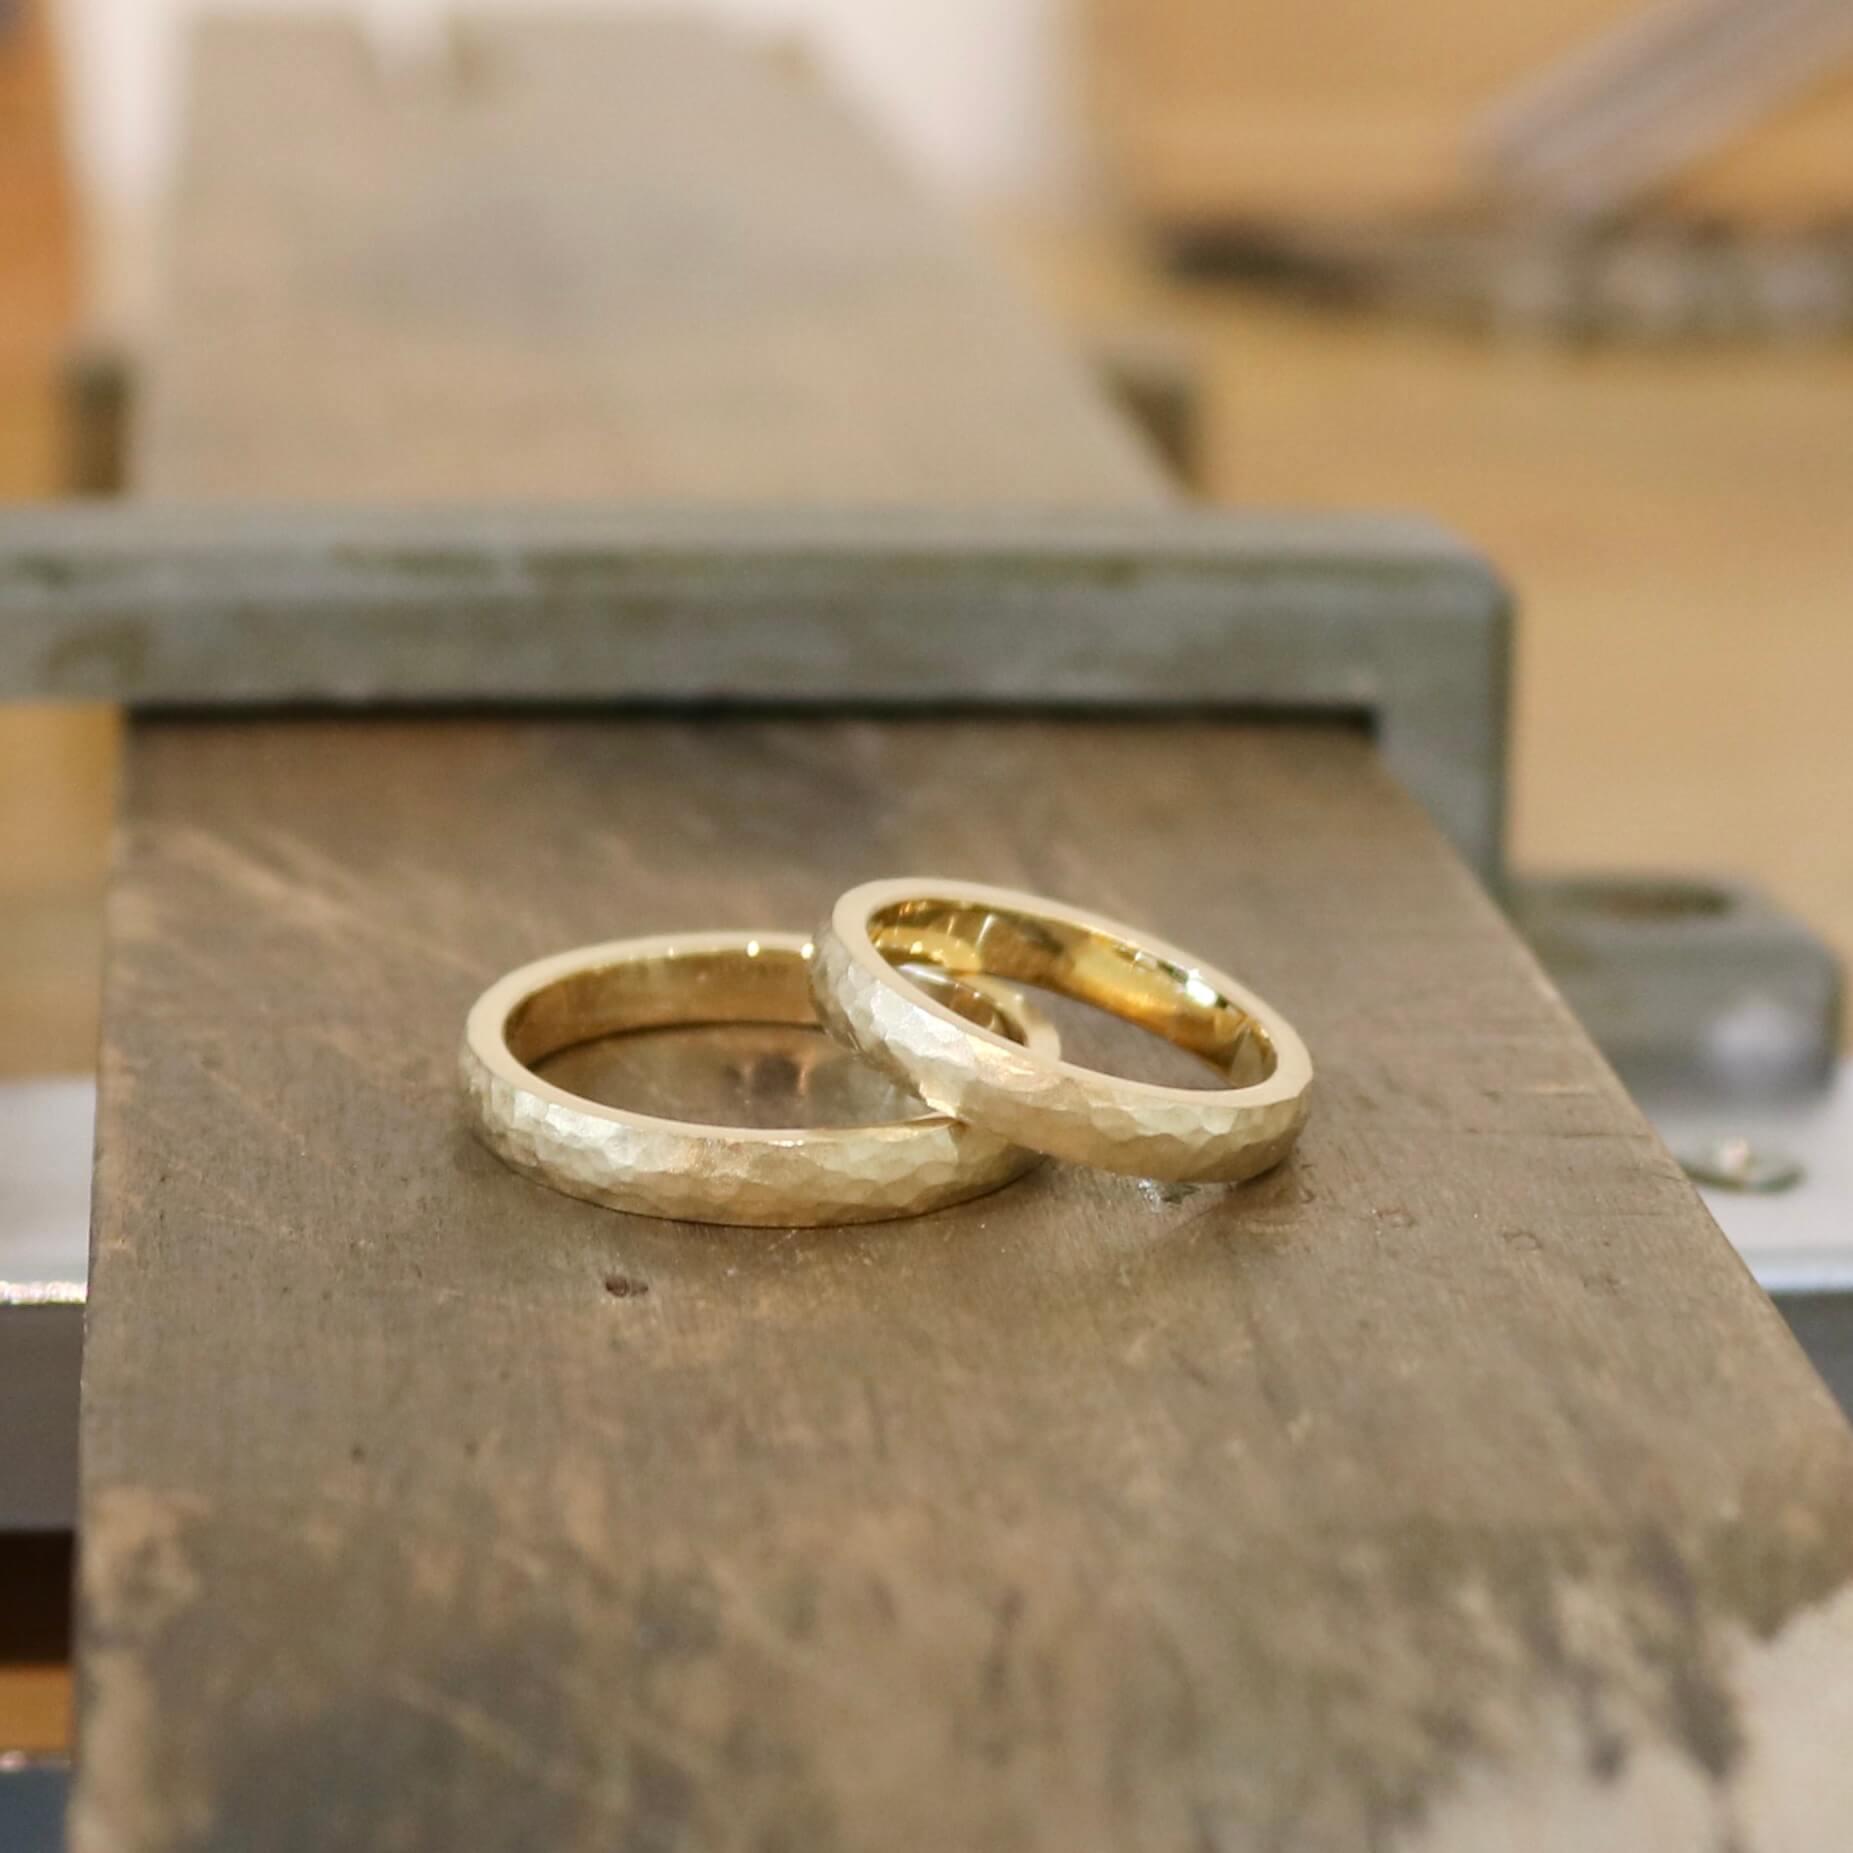 イエローゴールドのマットな質感にこだわった結婚指輪